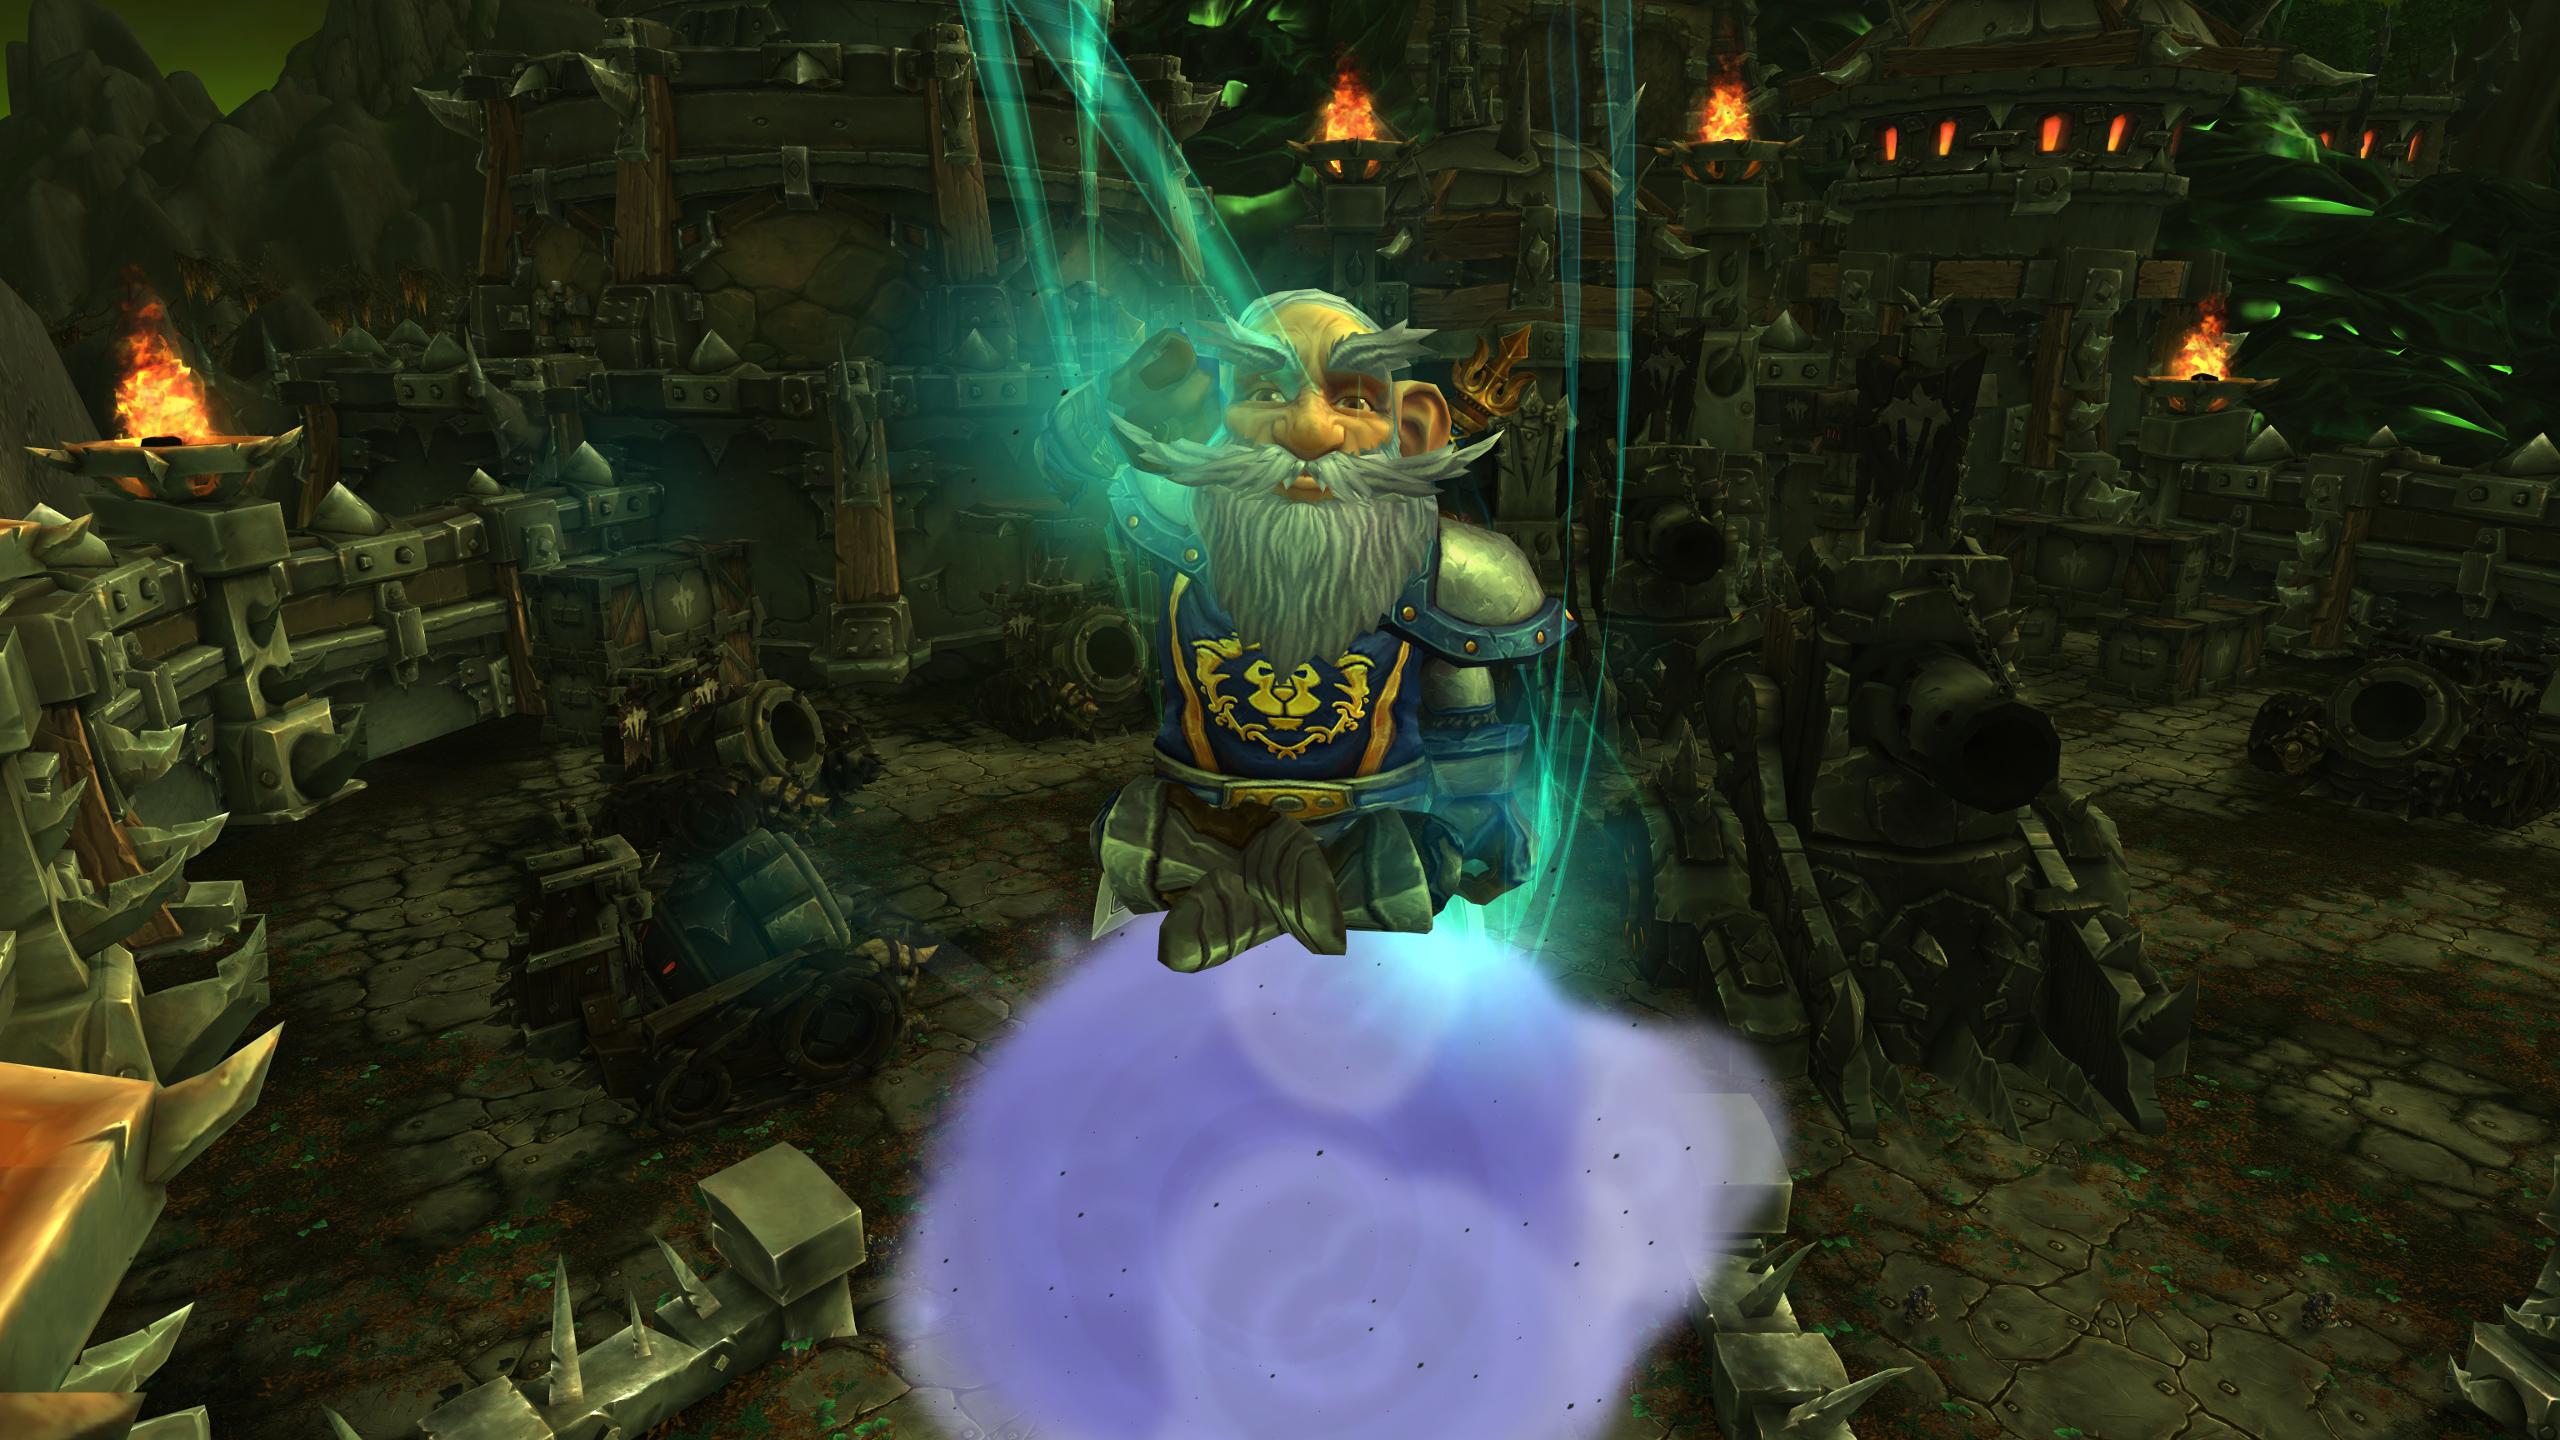 Legion gnome